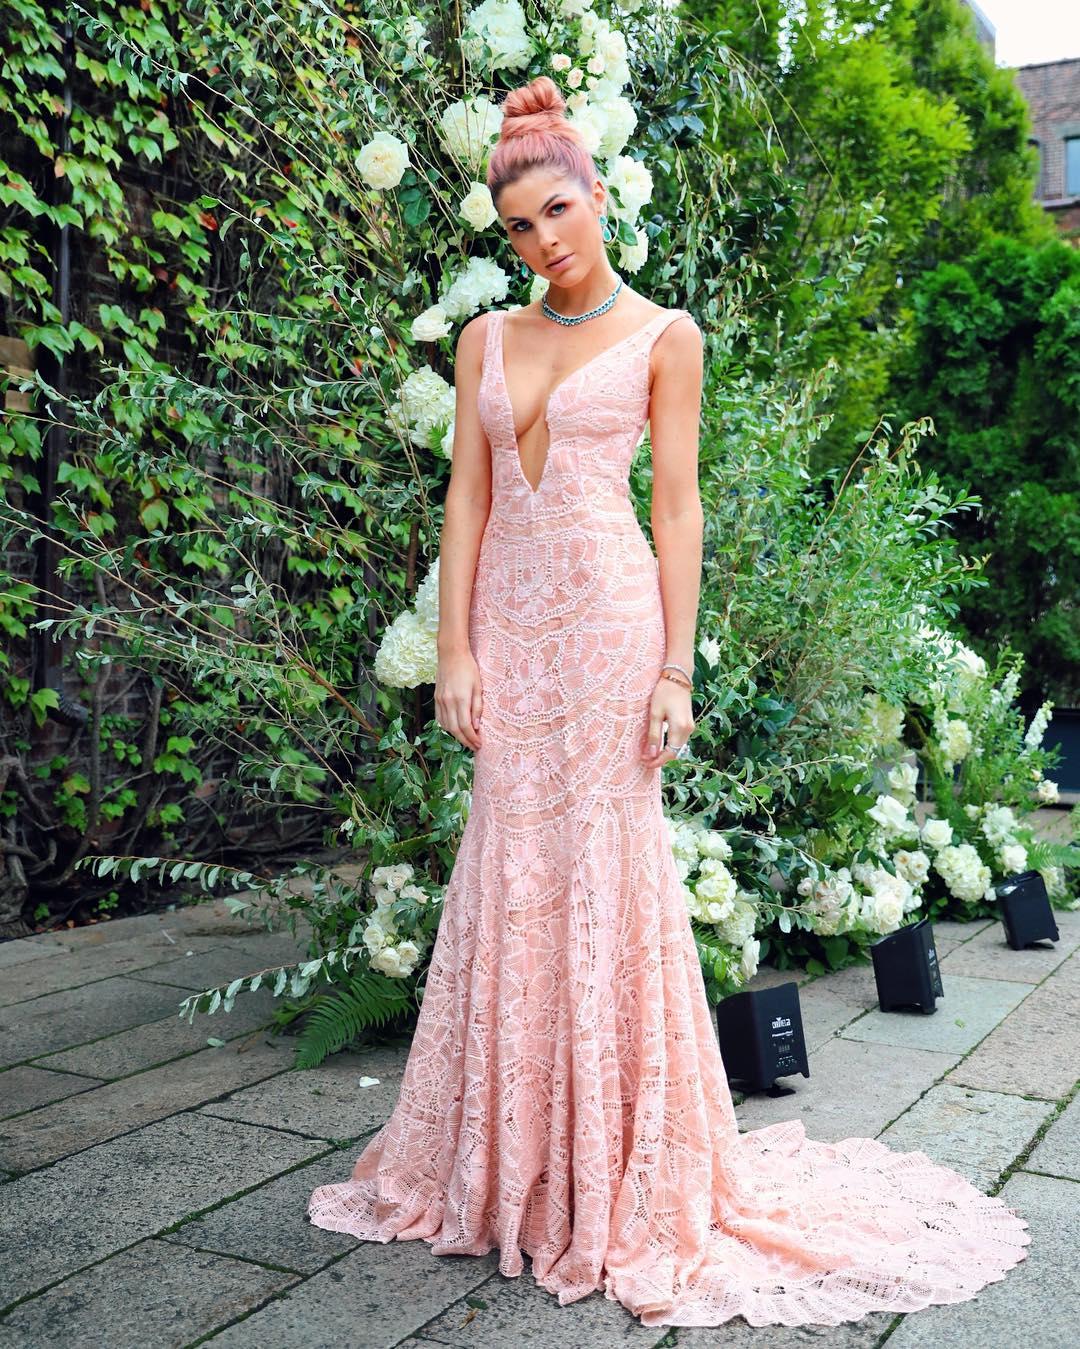 60 Modelos De Vestidos Longos Para Casamento Que Farão Você